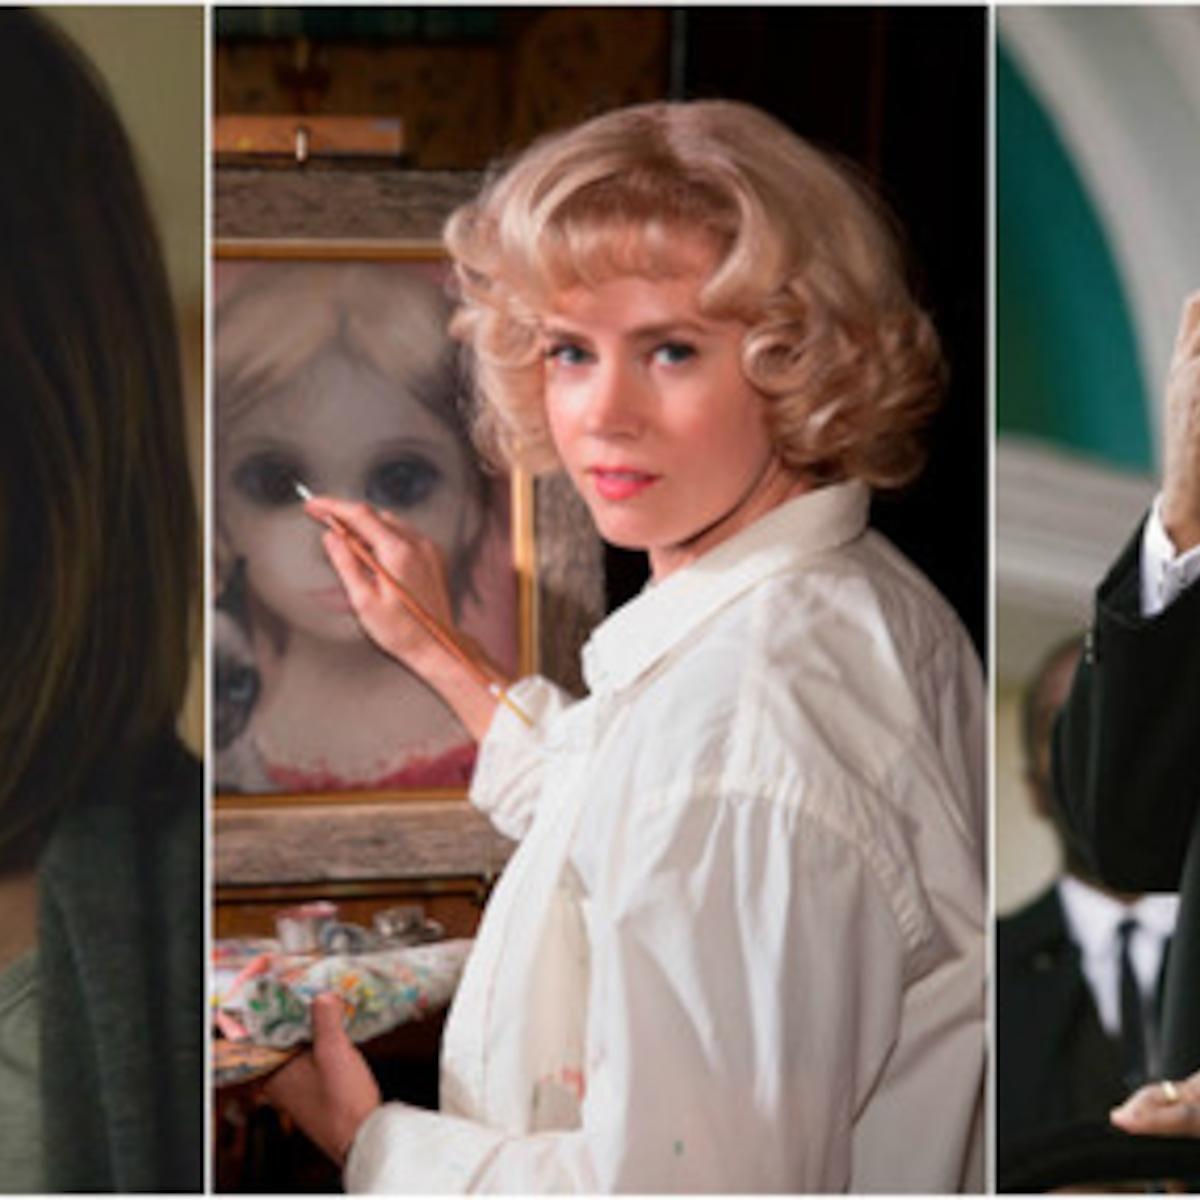 Amy Adams Filmes E Programas De Tv jennifer aniston, amy adams e mais astros esnobados do oscar